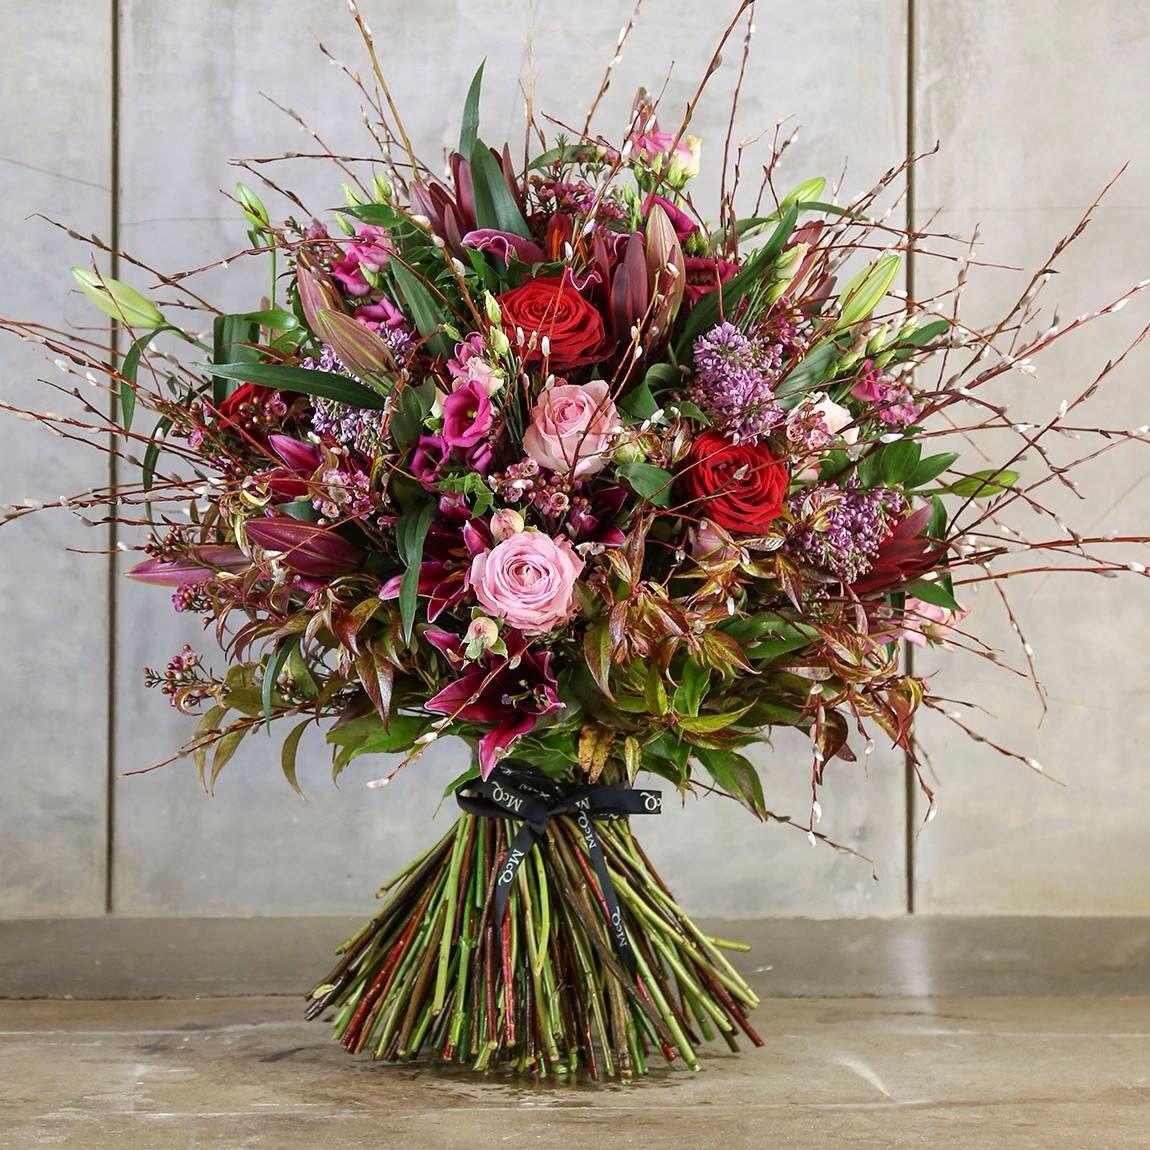 McQueens romantic bouquet